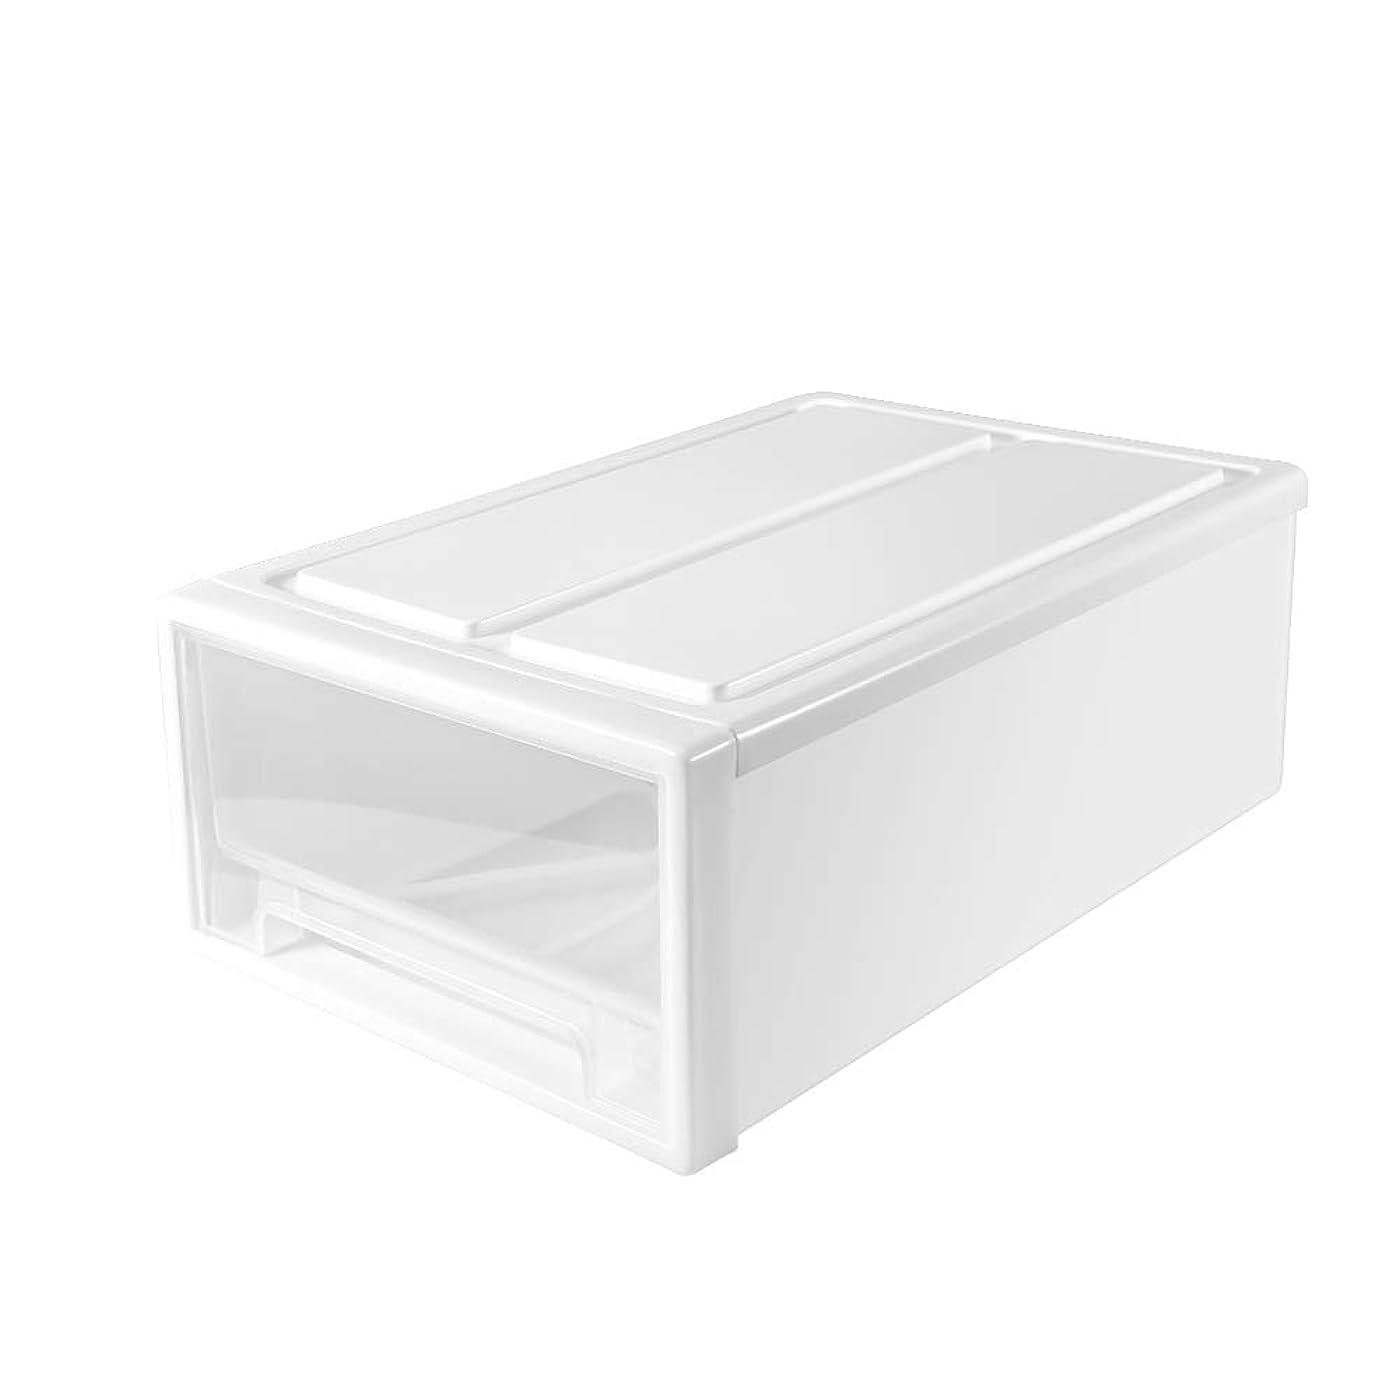 矩形ジャンプするチャールズキージングチェスト 収納ケース 収納ボックス 衣装ケース Jevogh DM23 小物入れ 幅30.5cm×奥21.8cm×高さ12cm 収納箱 半透明「ホワイト」